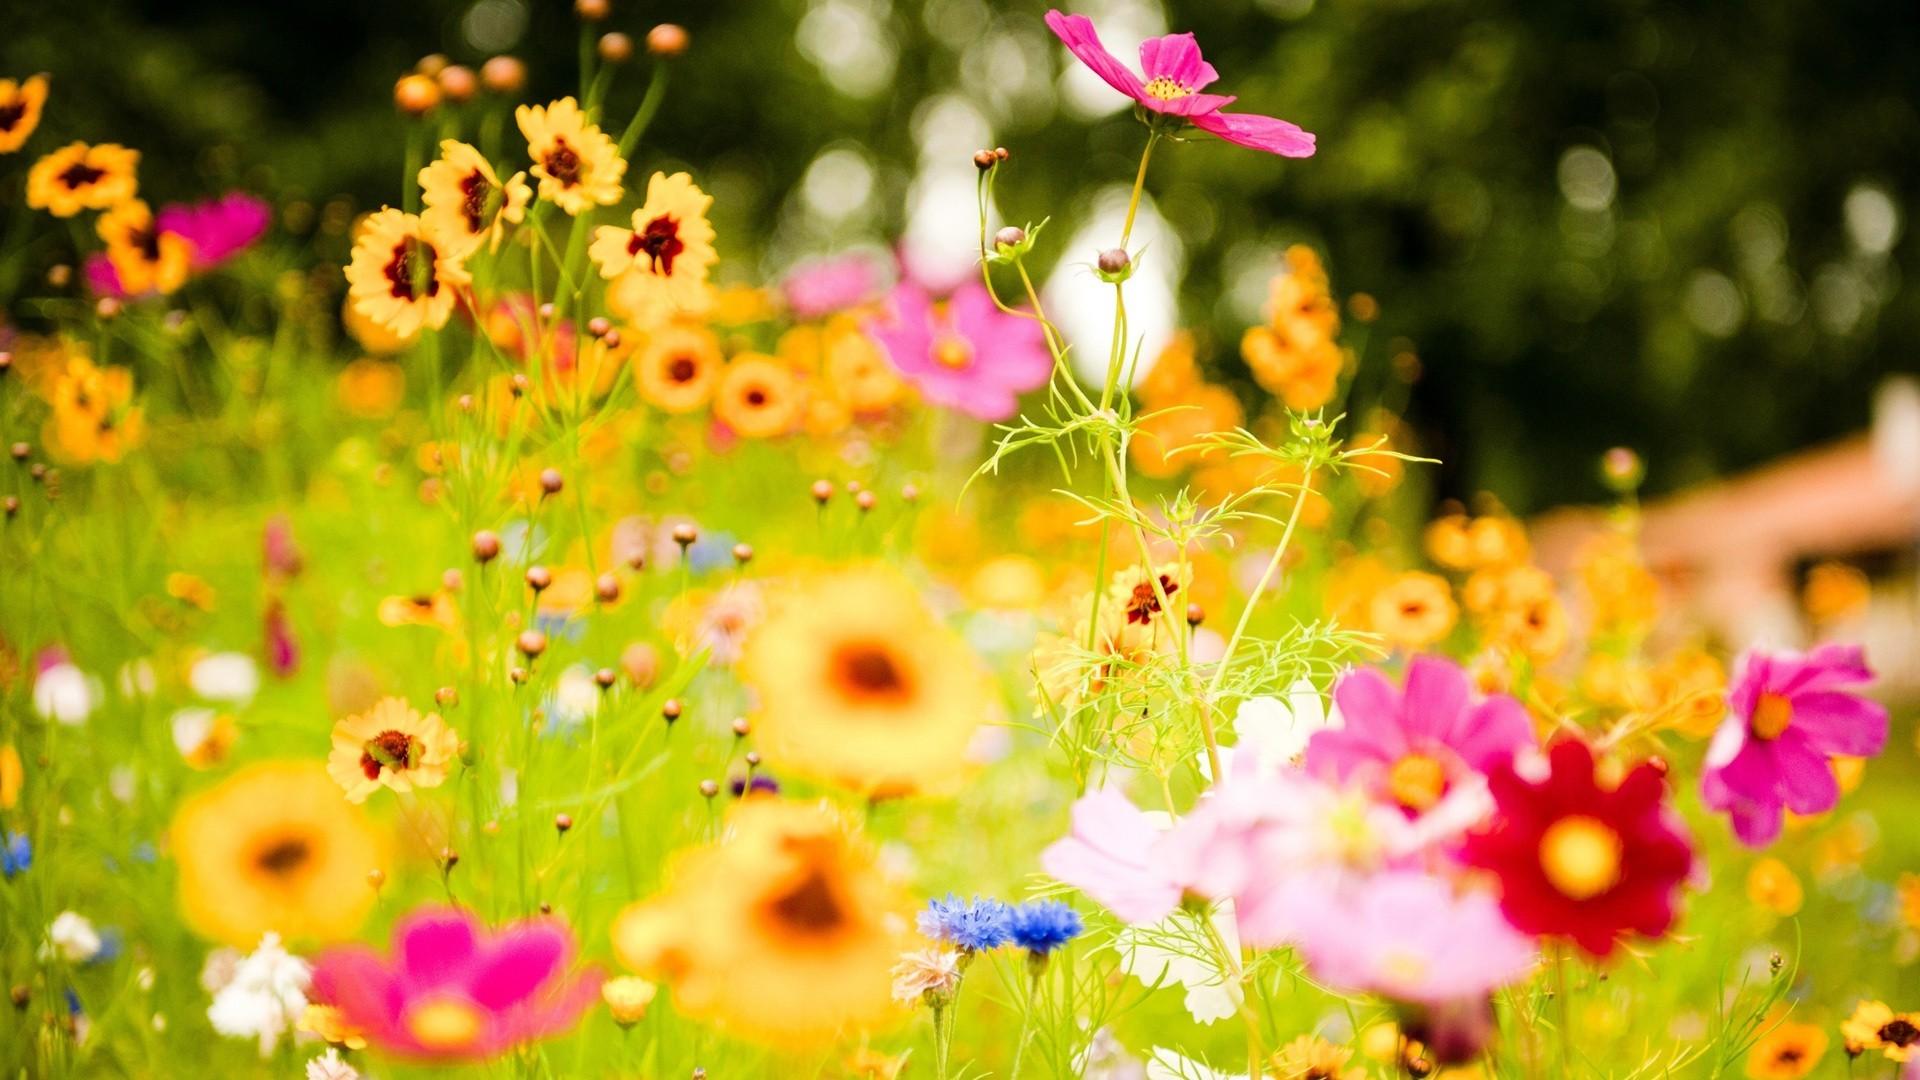 Las flores en sueños – Soñar con flores | Esoterismos.com - photo#50